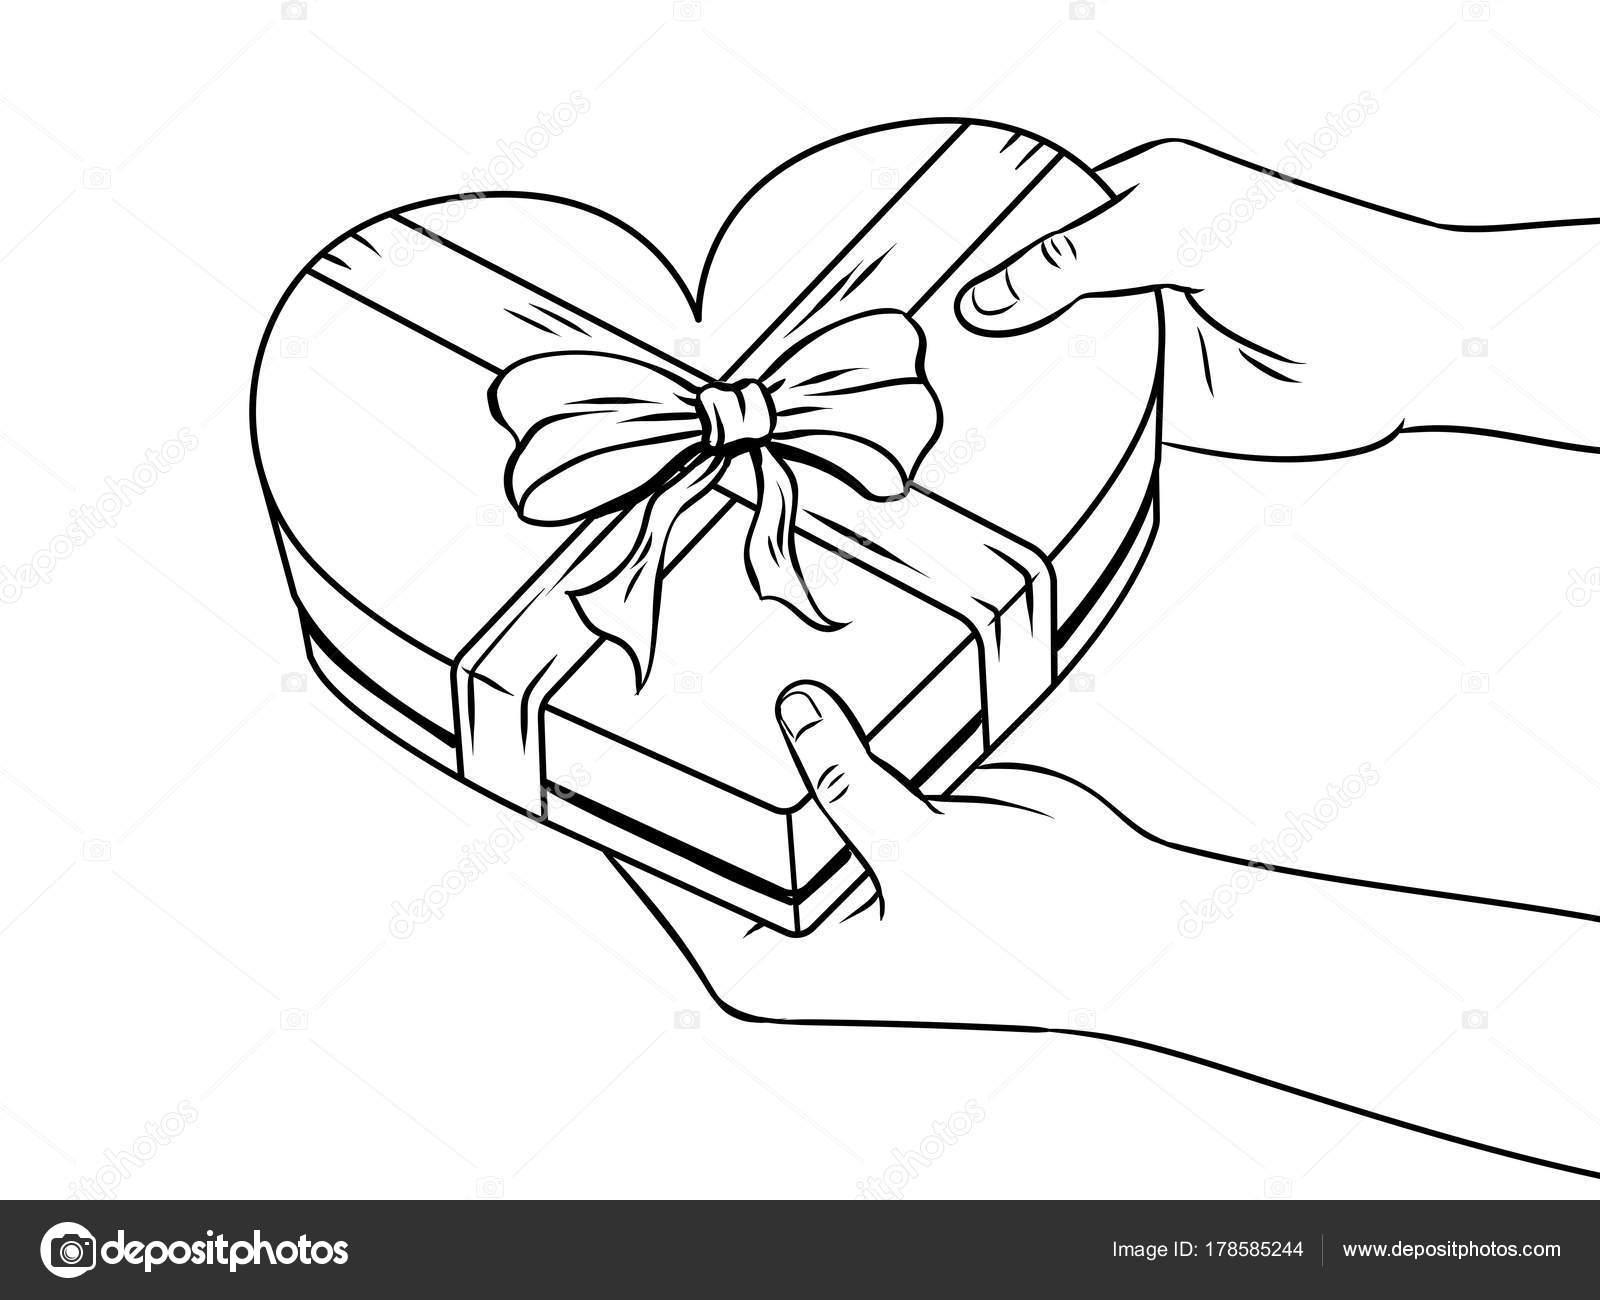 Caja de regalo con forma de corazón rojo para colorear vector libro ...